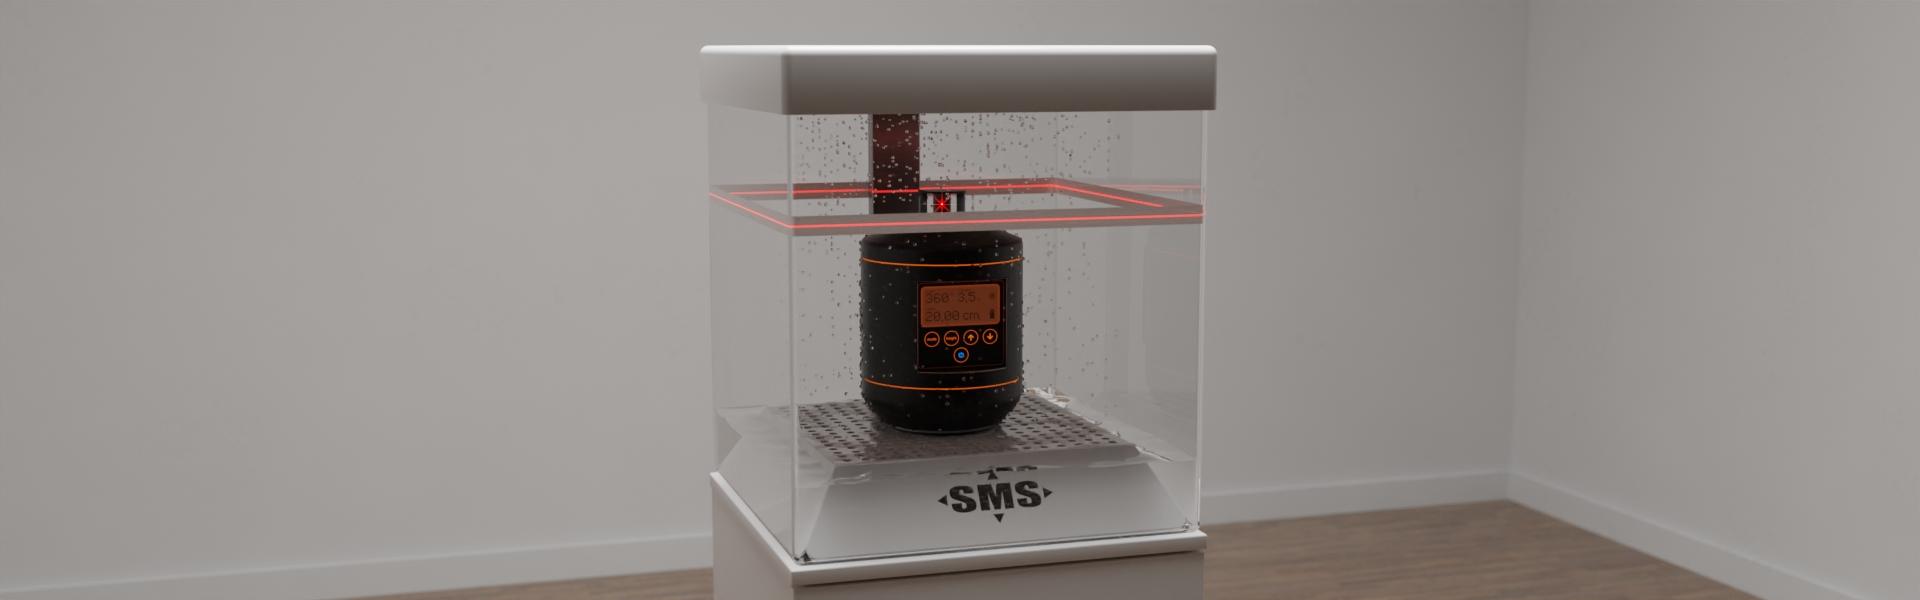 Sonderanfertigung eines funktionellen Displays für ein Laser-Meßgerät, Bild 3